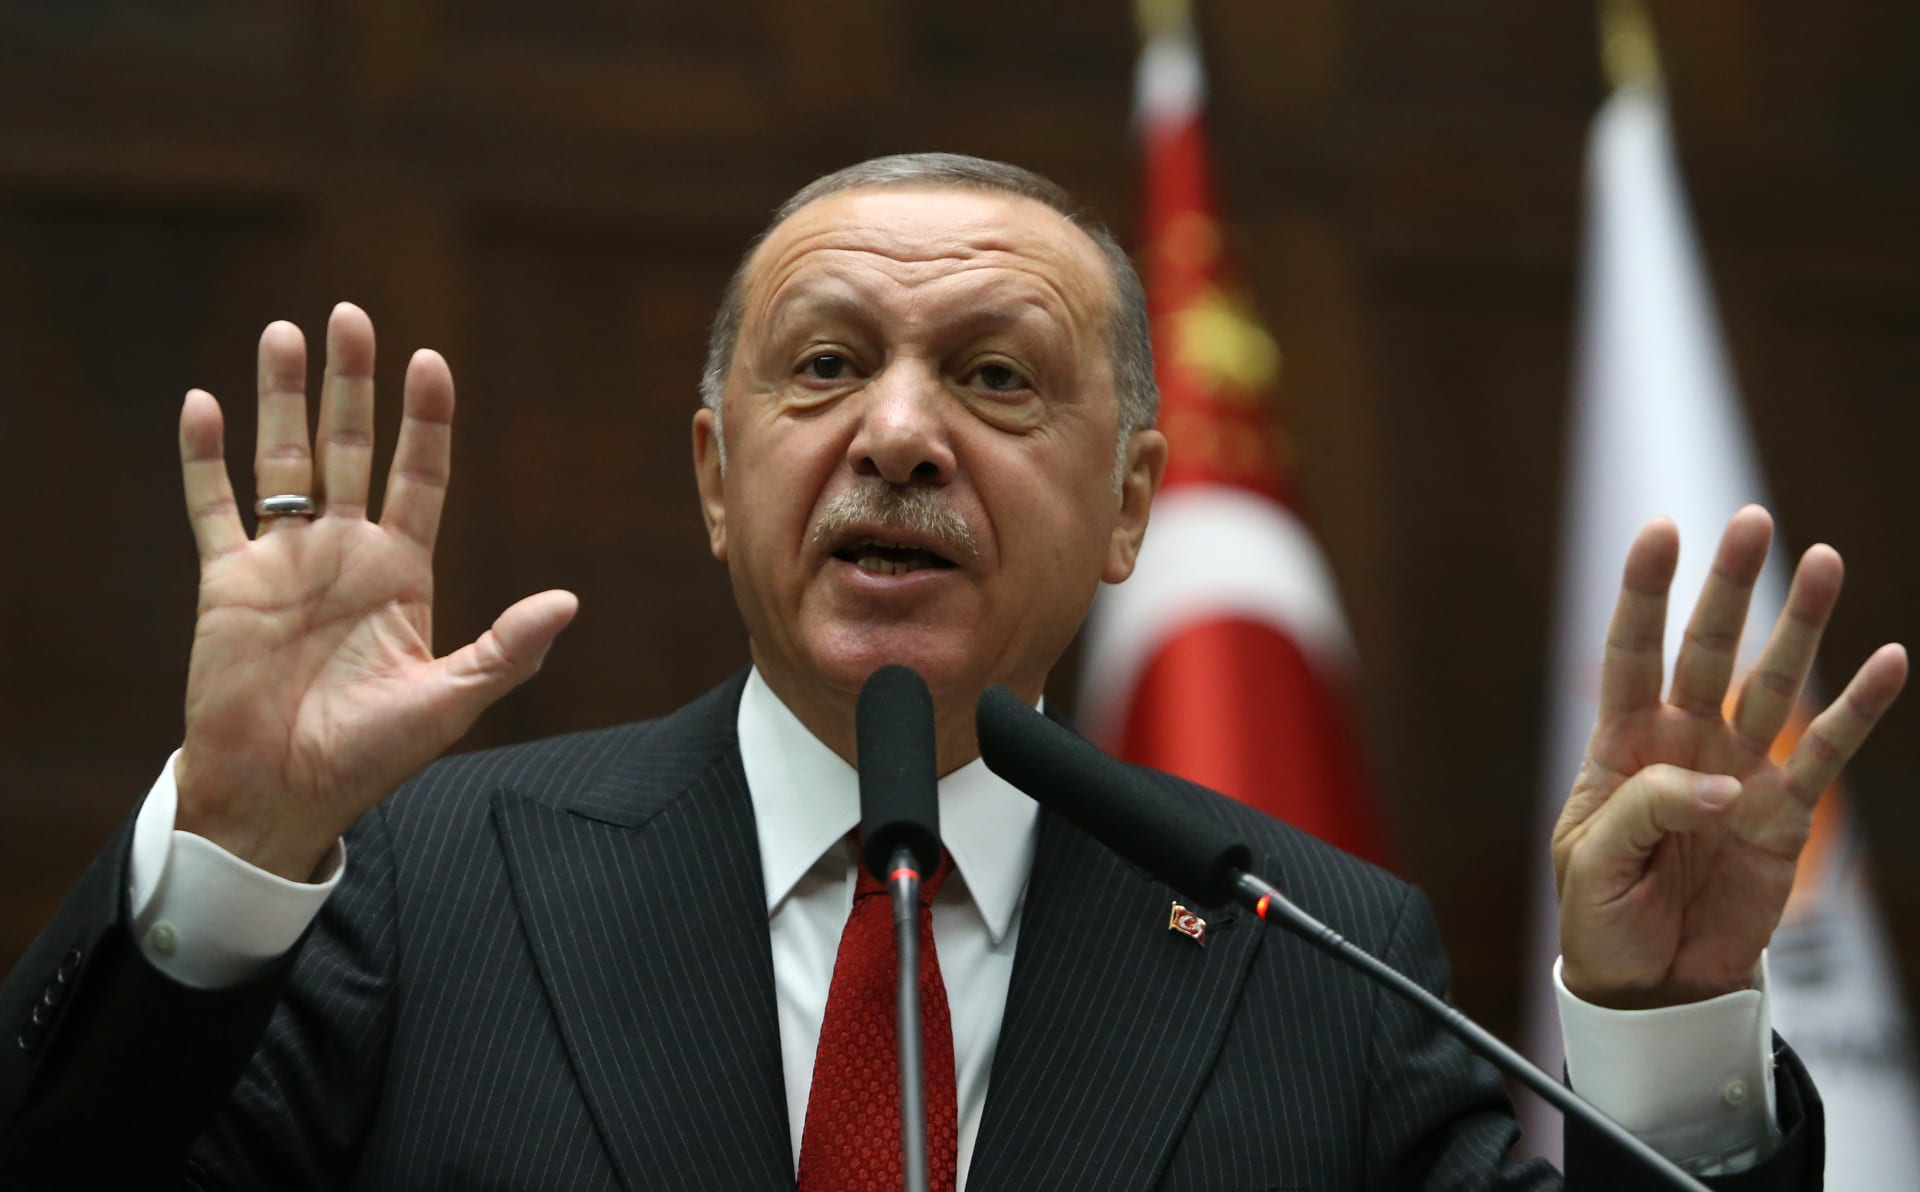 أردوغان عن انقلاب 2016 الفاشل: تركيا ليست مصر.. لم تُهزم ولم تستسلم